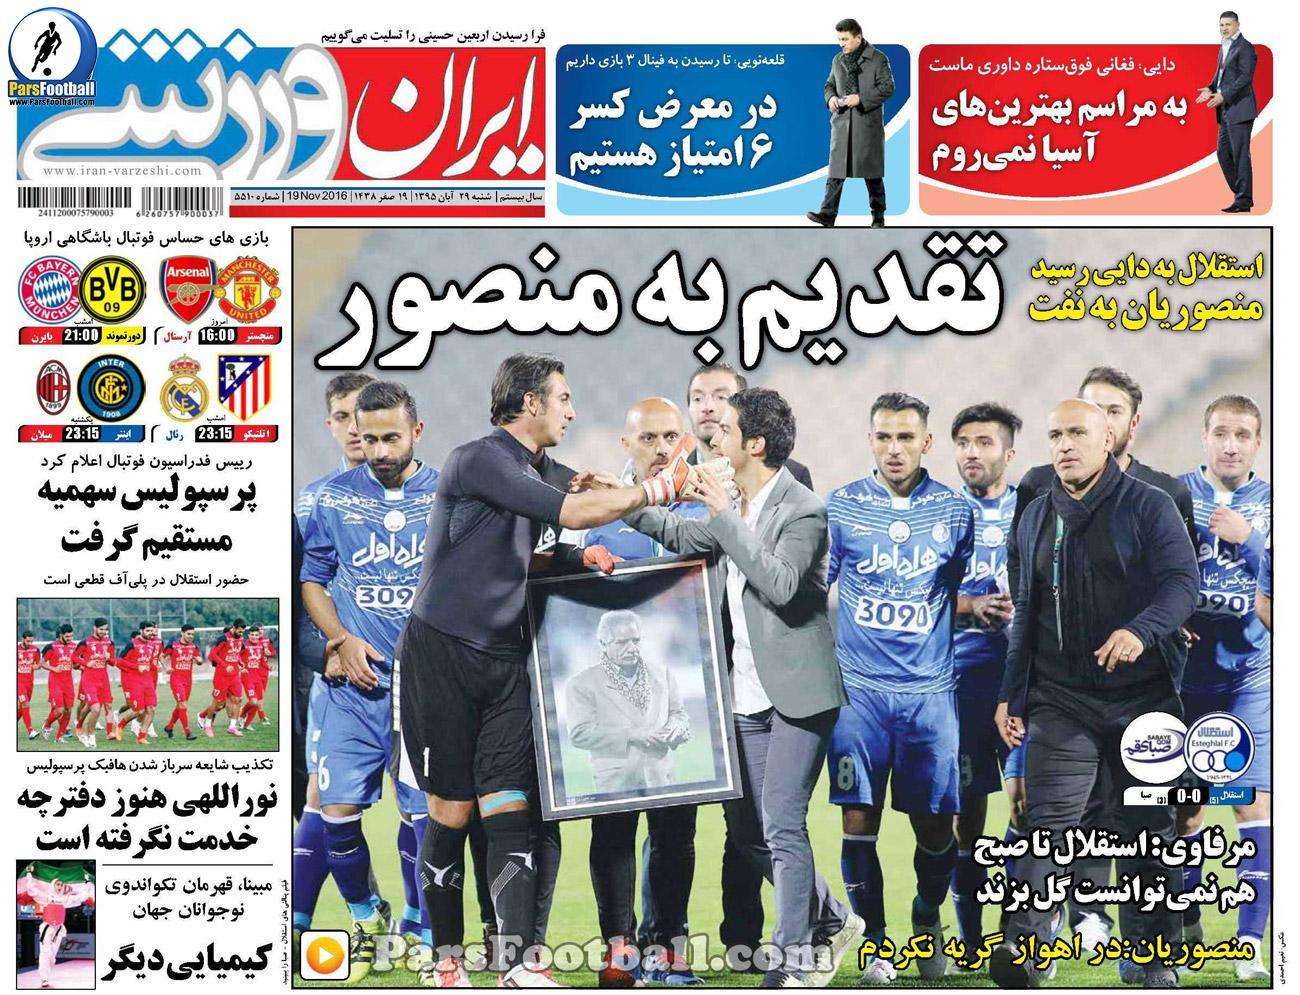 روزنامه ایران ورزشی شنبه 29 آبان 95